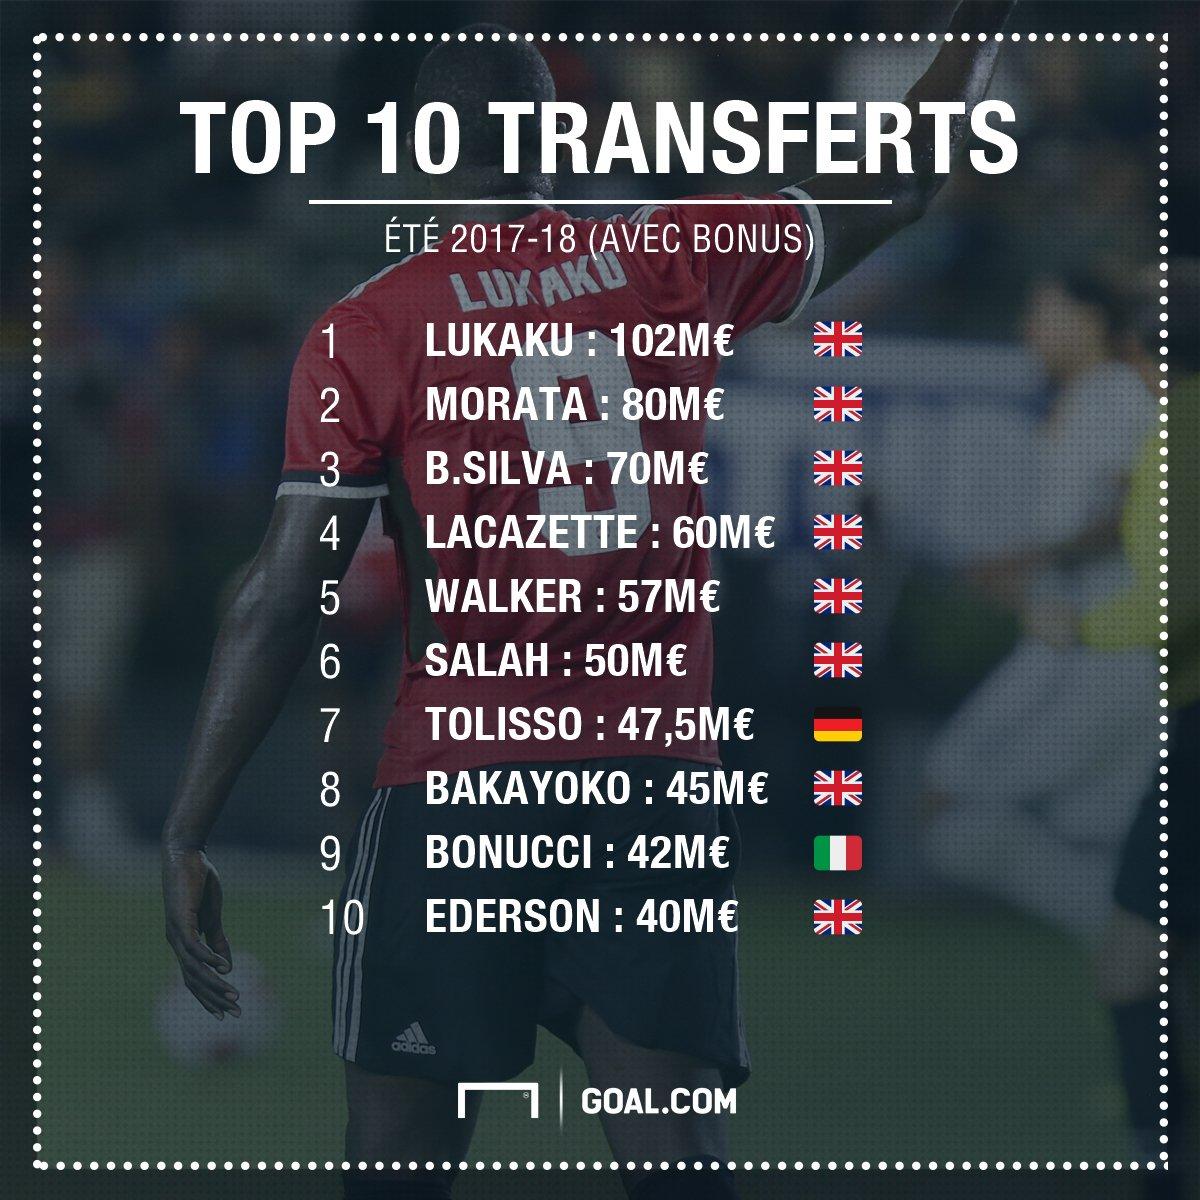 top-10-transferts-etet-2017-mercato_ak5s